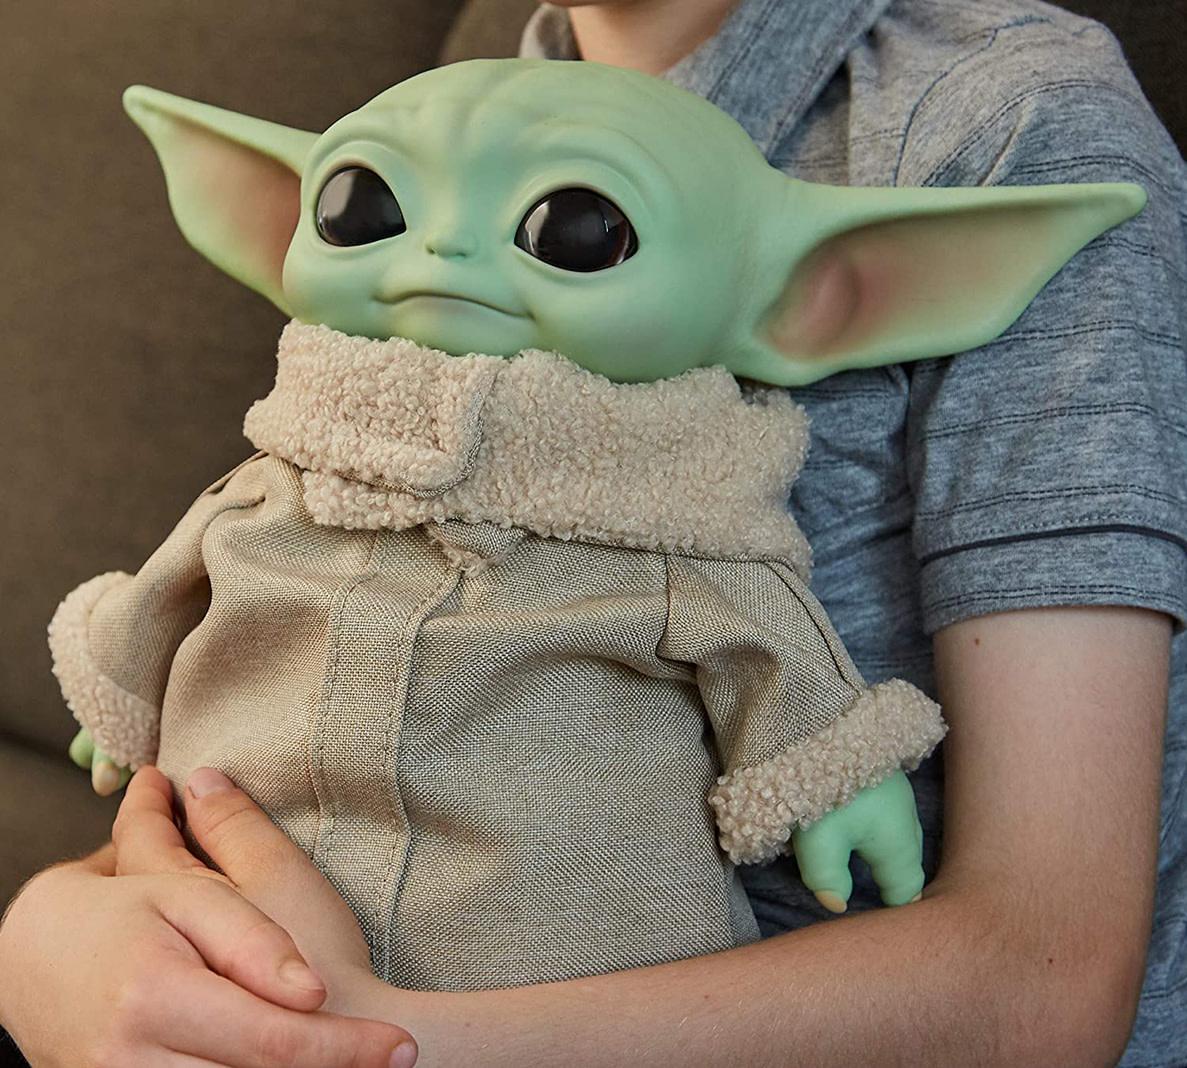 MATTEL Star Wars The Child Plush Toy